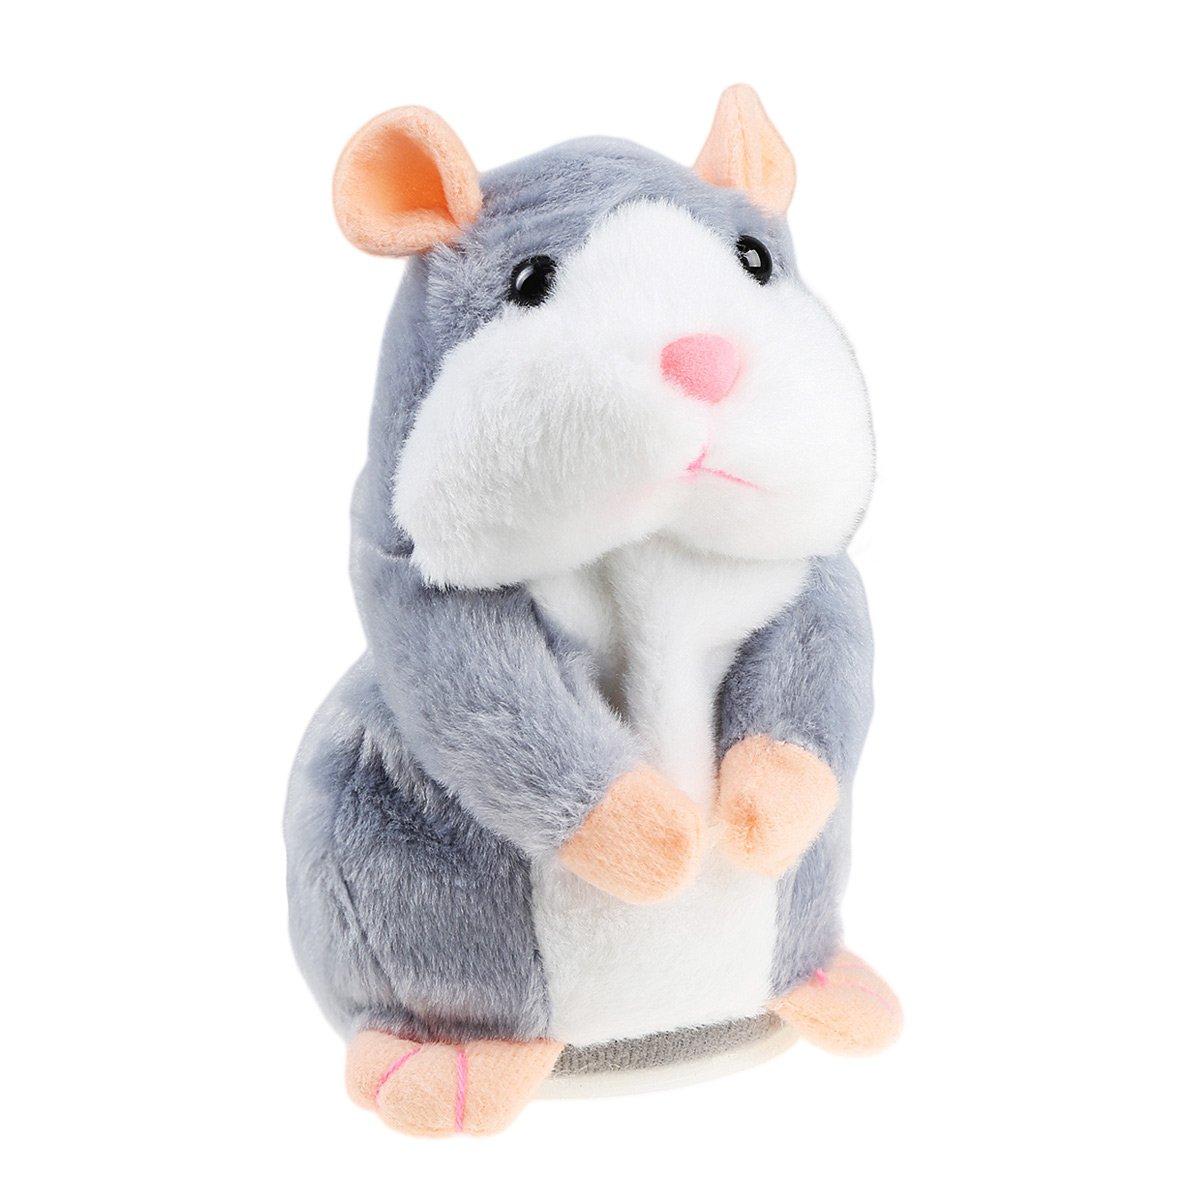 Talking Hamster, IDEAPRO Ripeti Quello che Dici Elettronico Peluche Giocattoli Regalo di Natale per Bambini Kids (Grigio)